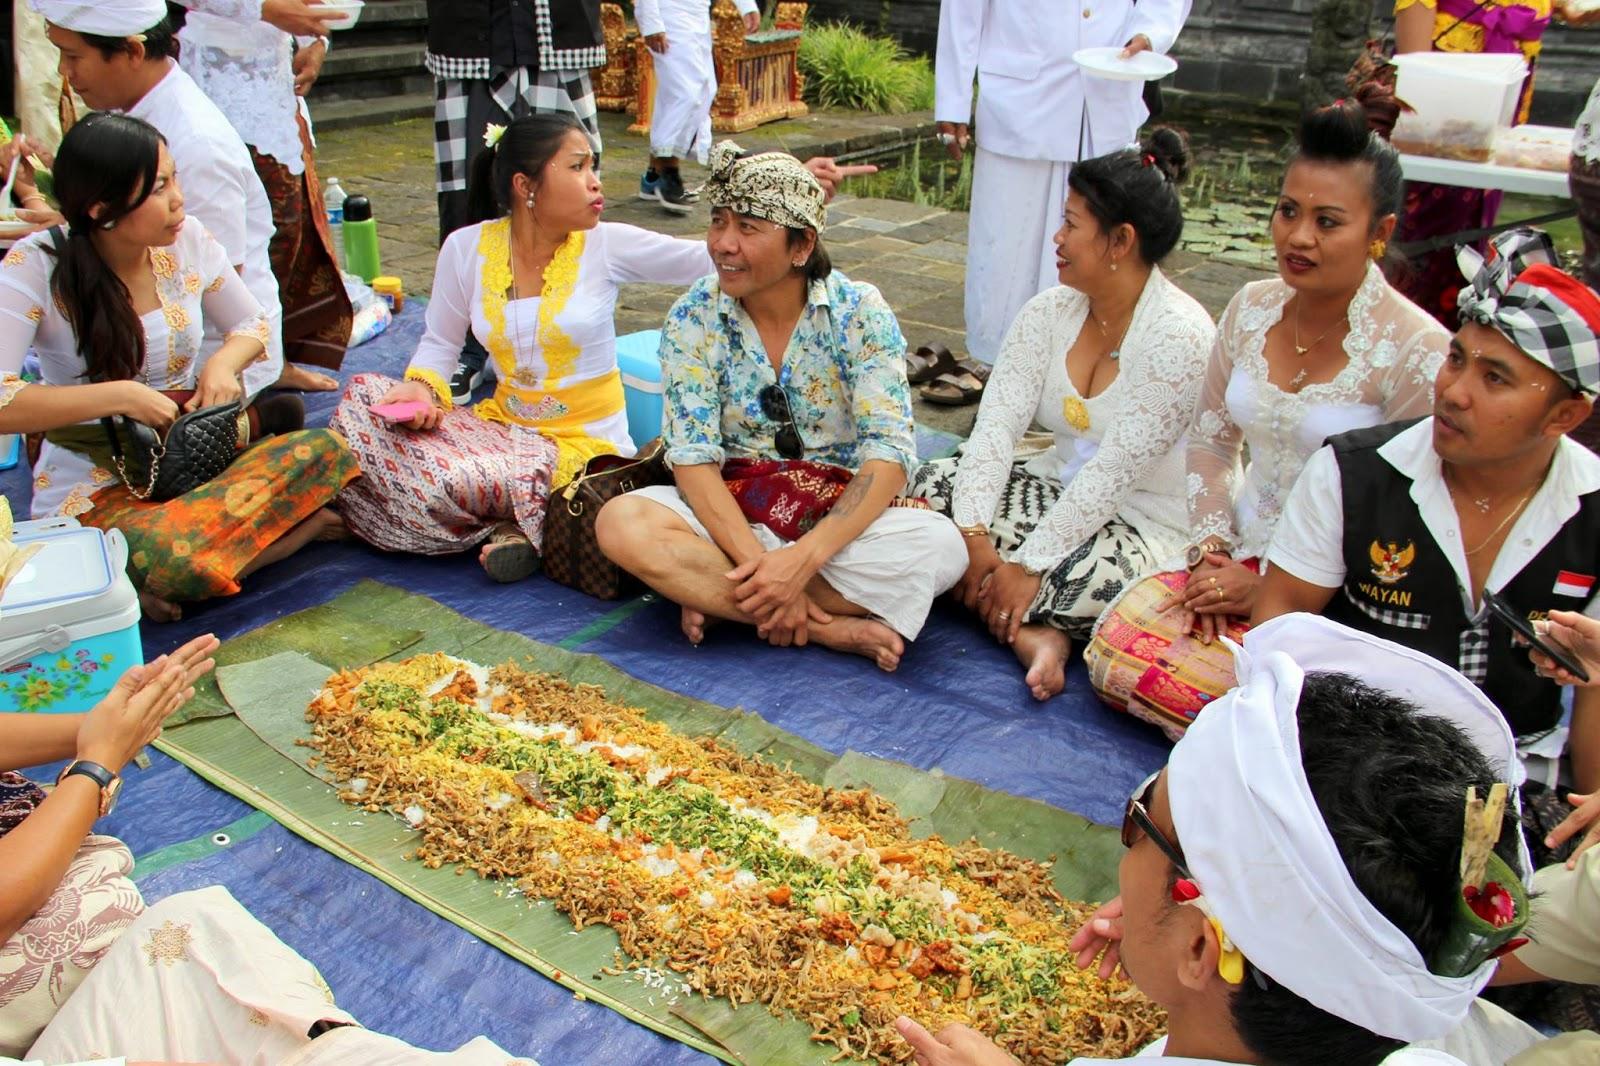 Di Bali, tradisi makan nasi liwet bersama-sama ini disebut dengan Megibung